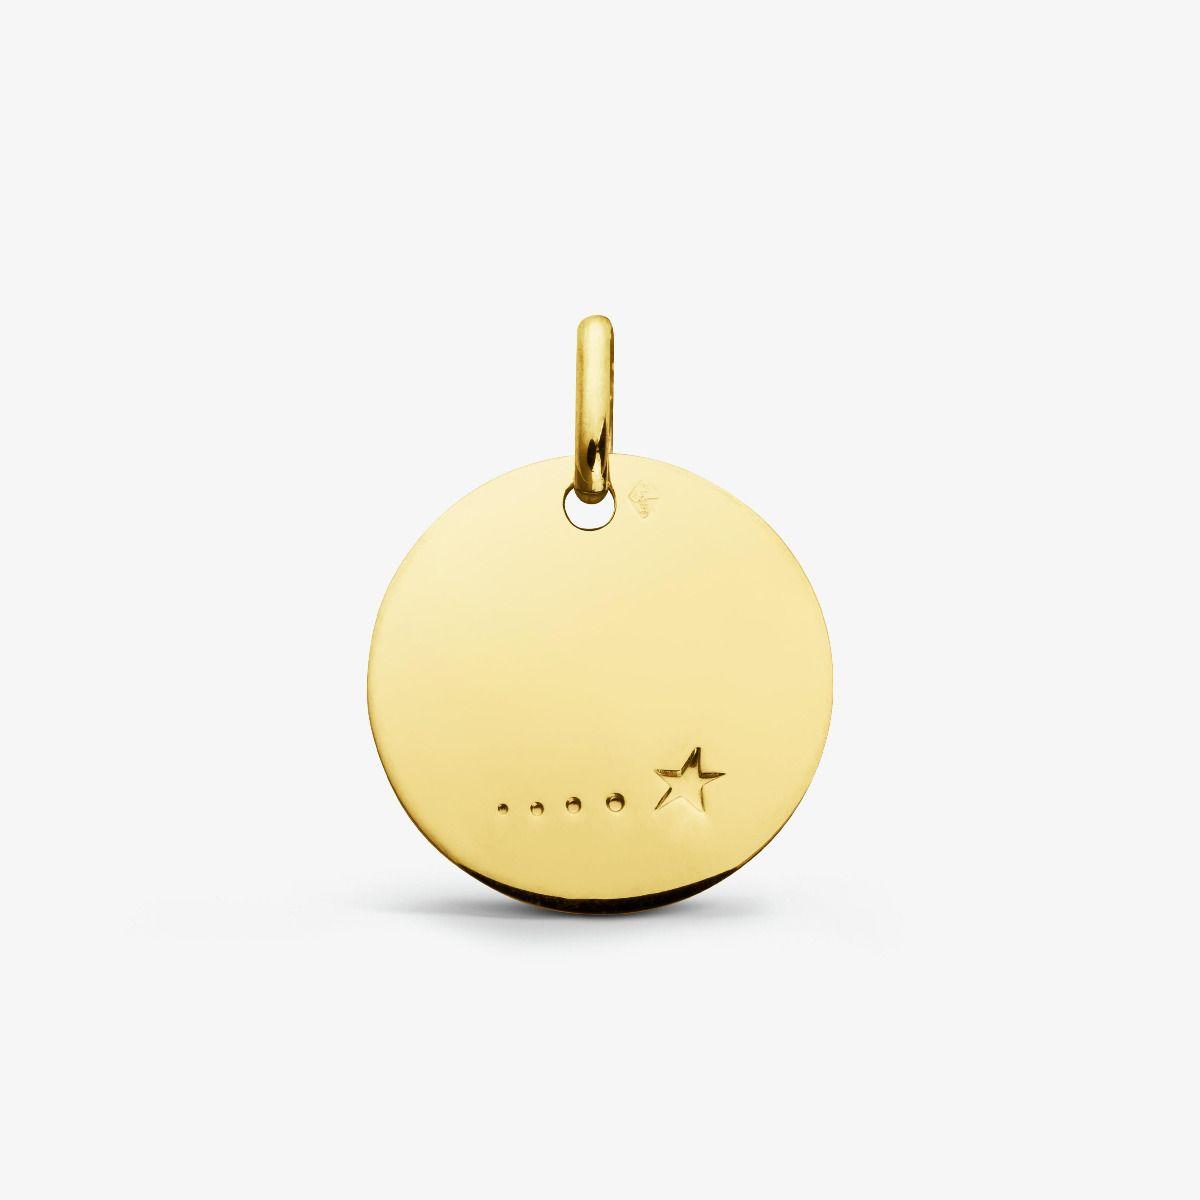 Médaille Étoile Or Jaune 18 carats - 16 mm